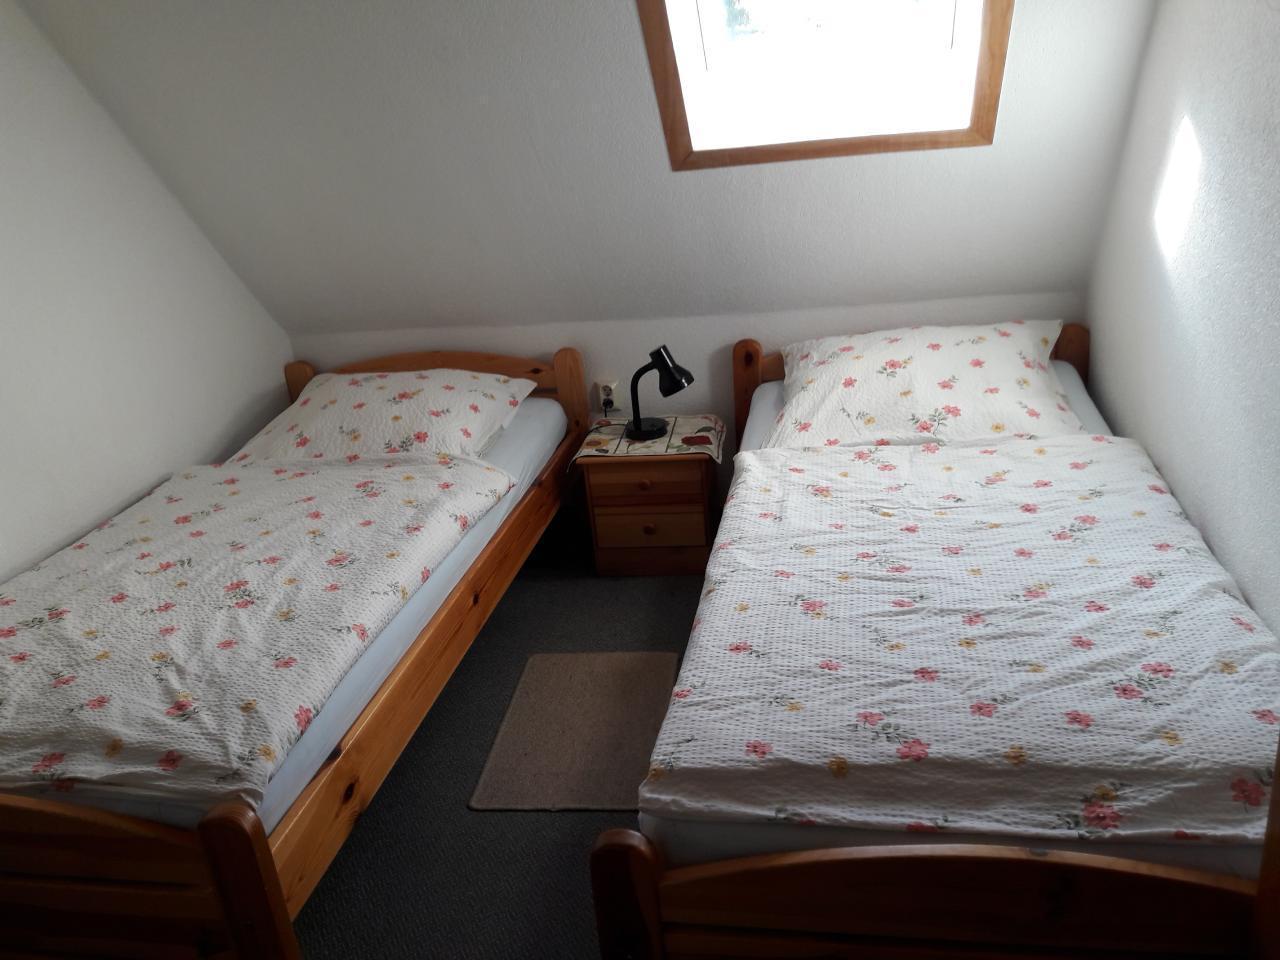 Zwei-Bett-Zimmer